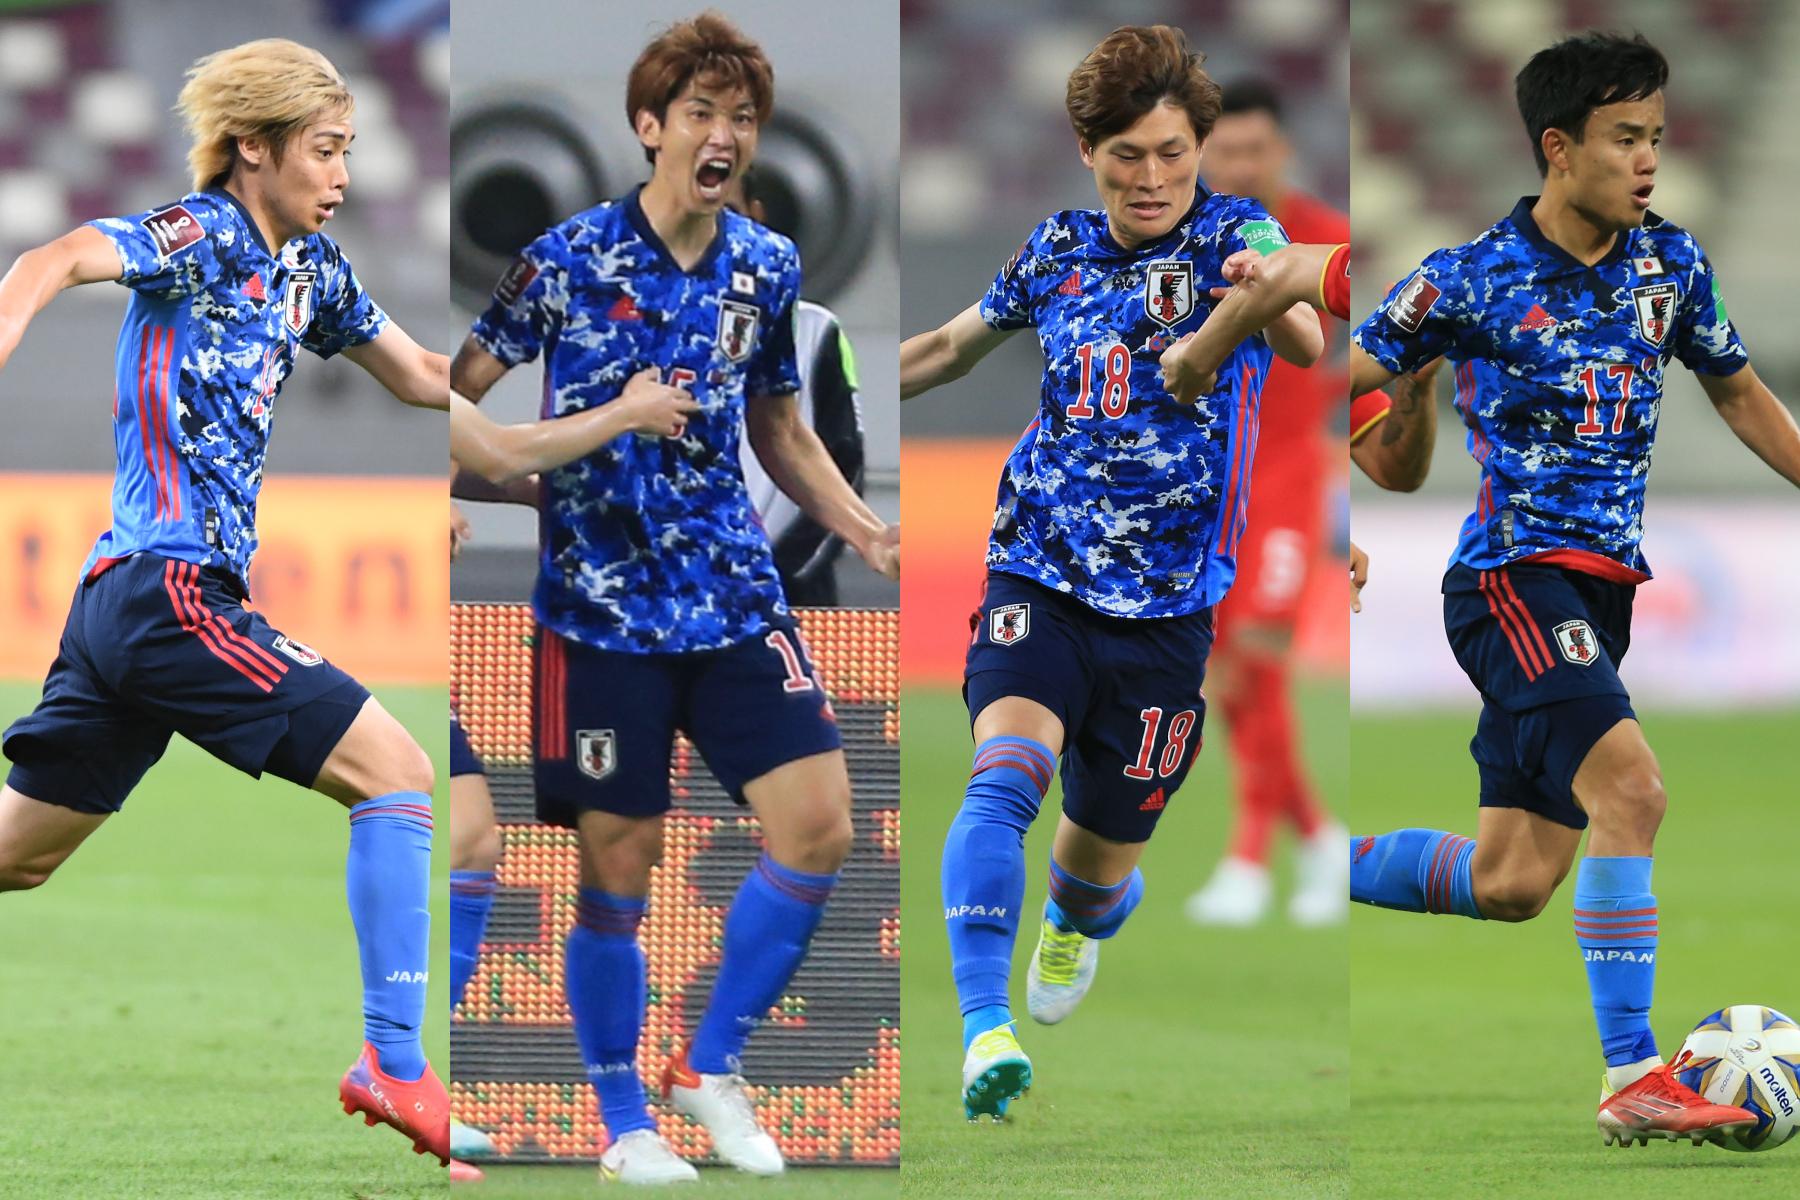 中国代表に勝利し、最終予選初勝利となった日本代表【写真:ⓒJFA & AP】